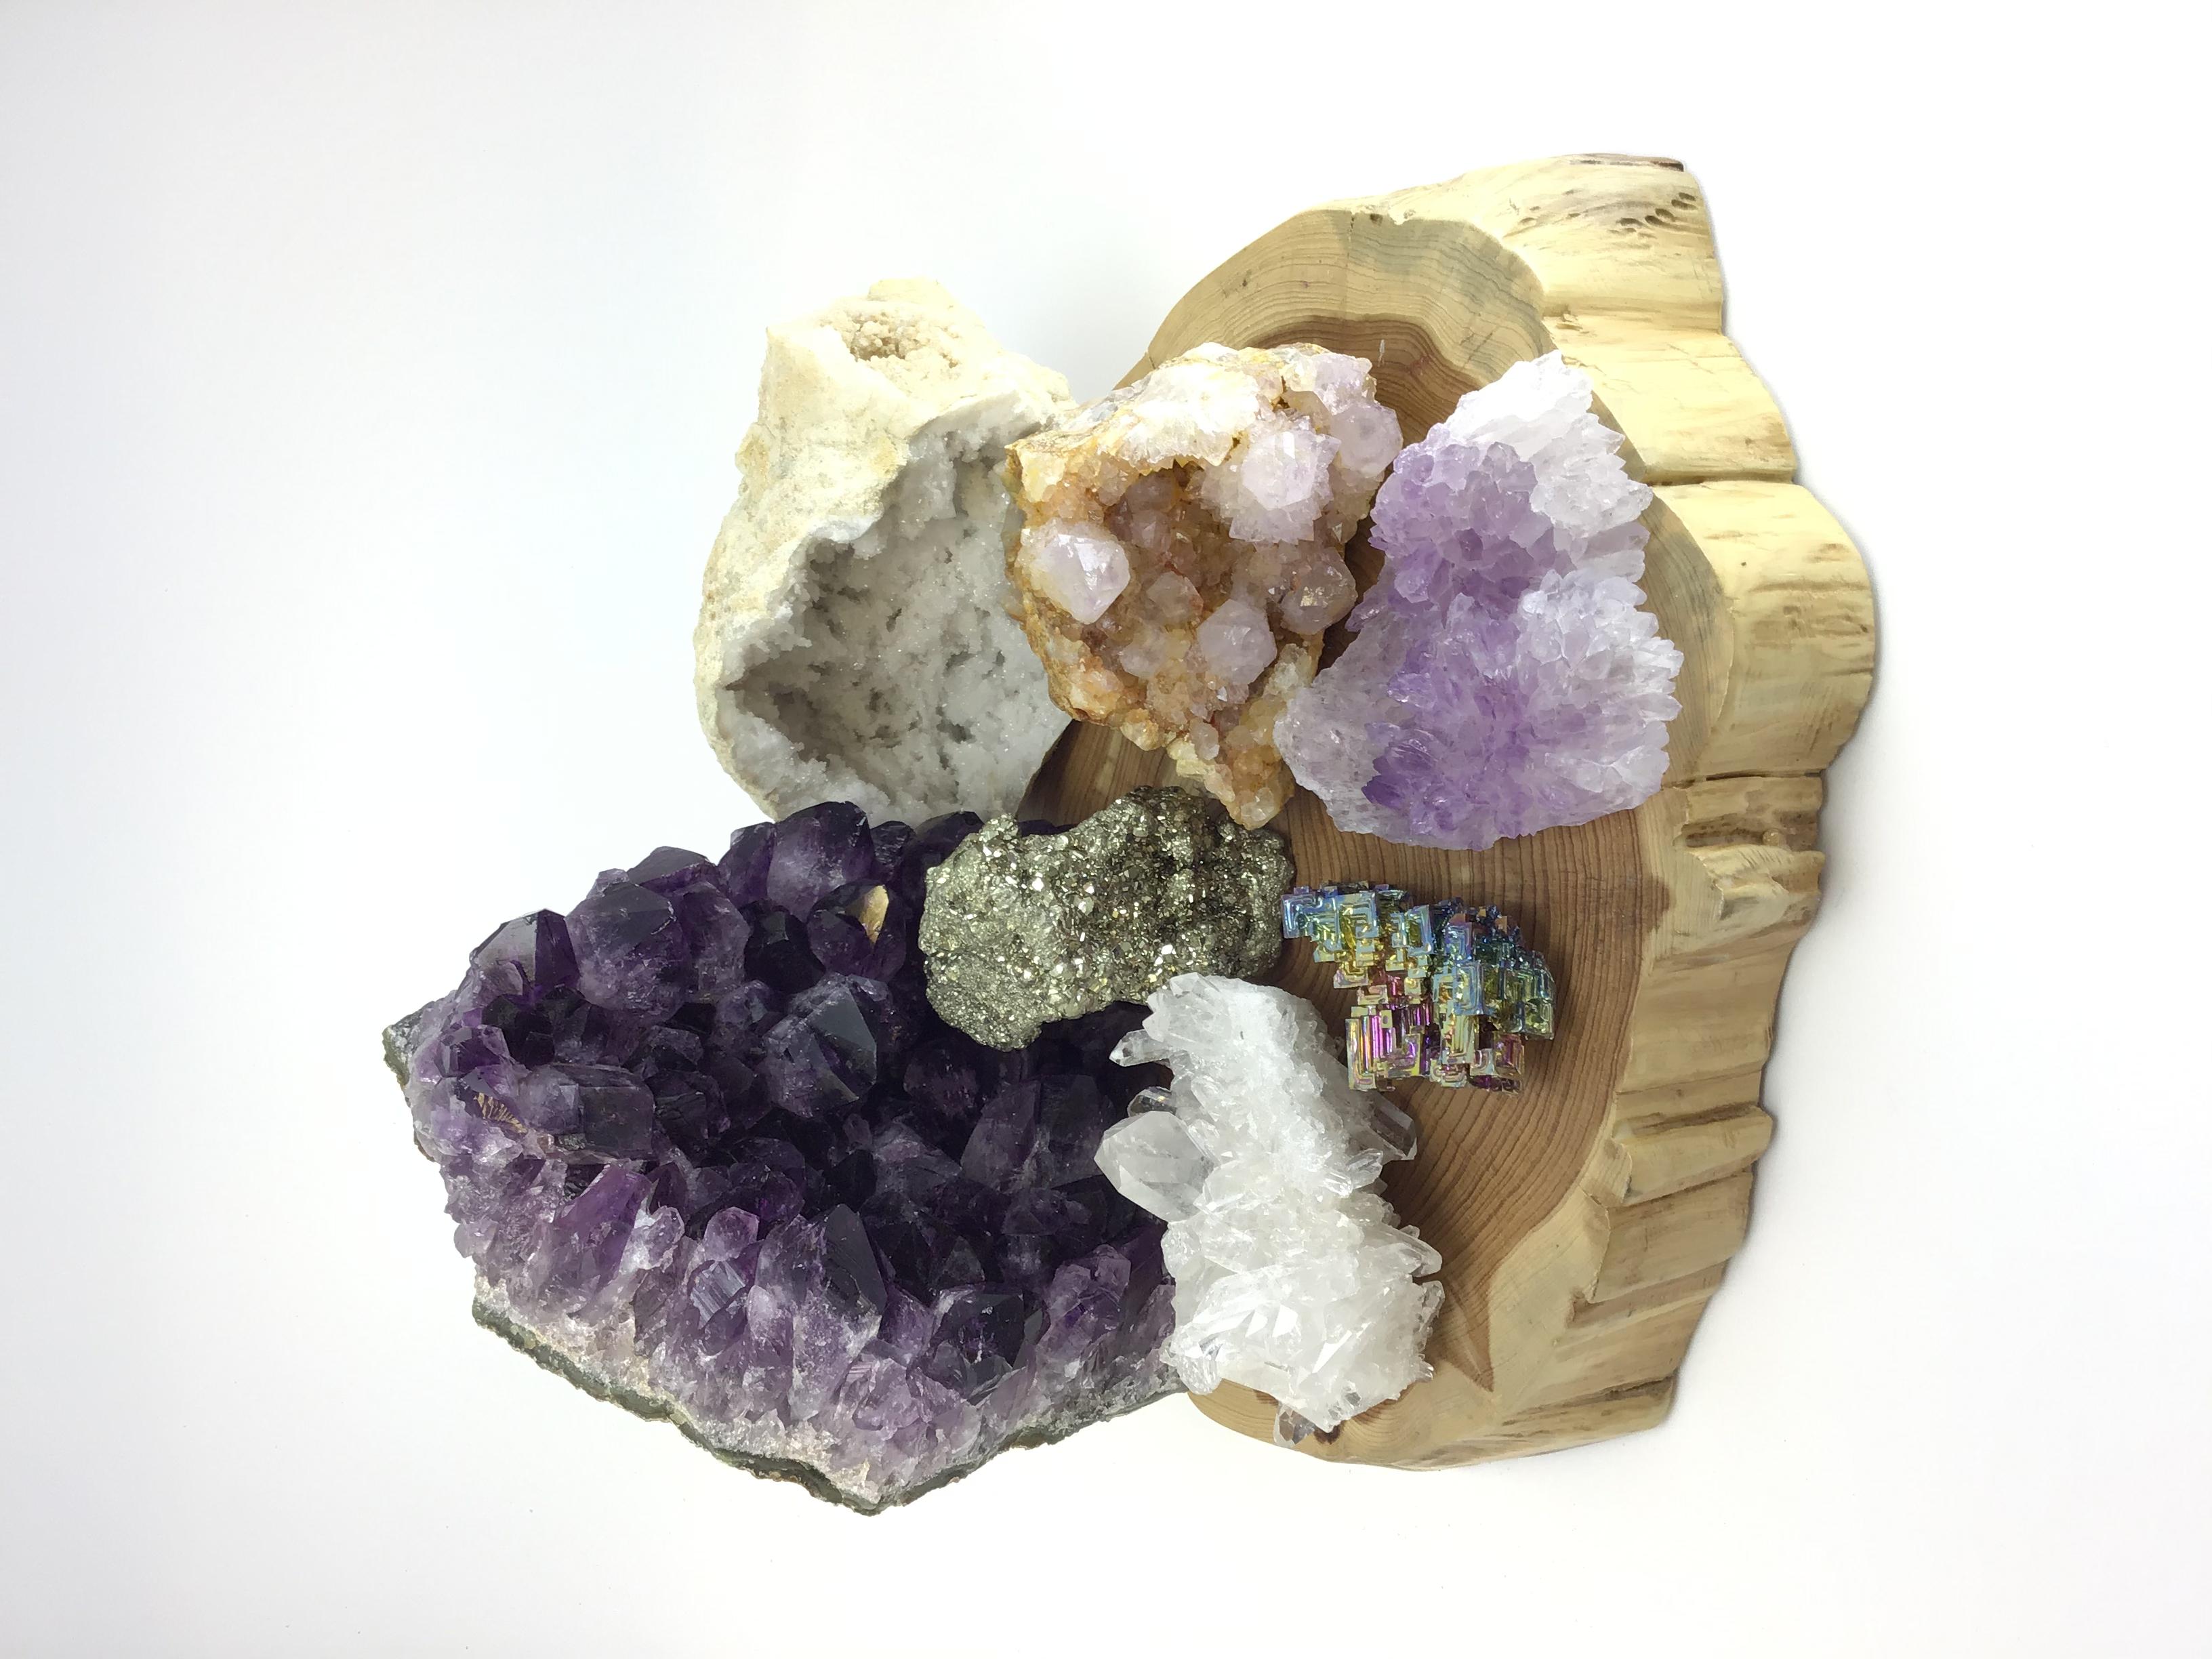 Natural Crystal Specimens Page 1 Melded Mind Metaphysical